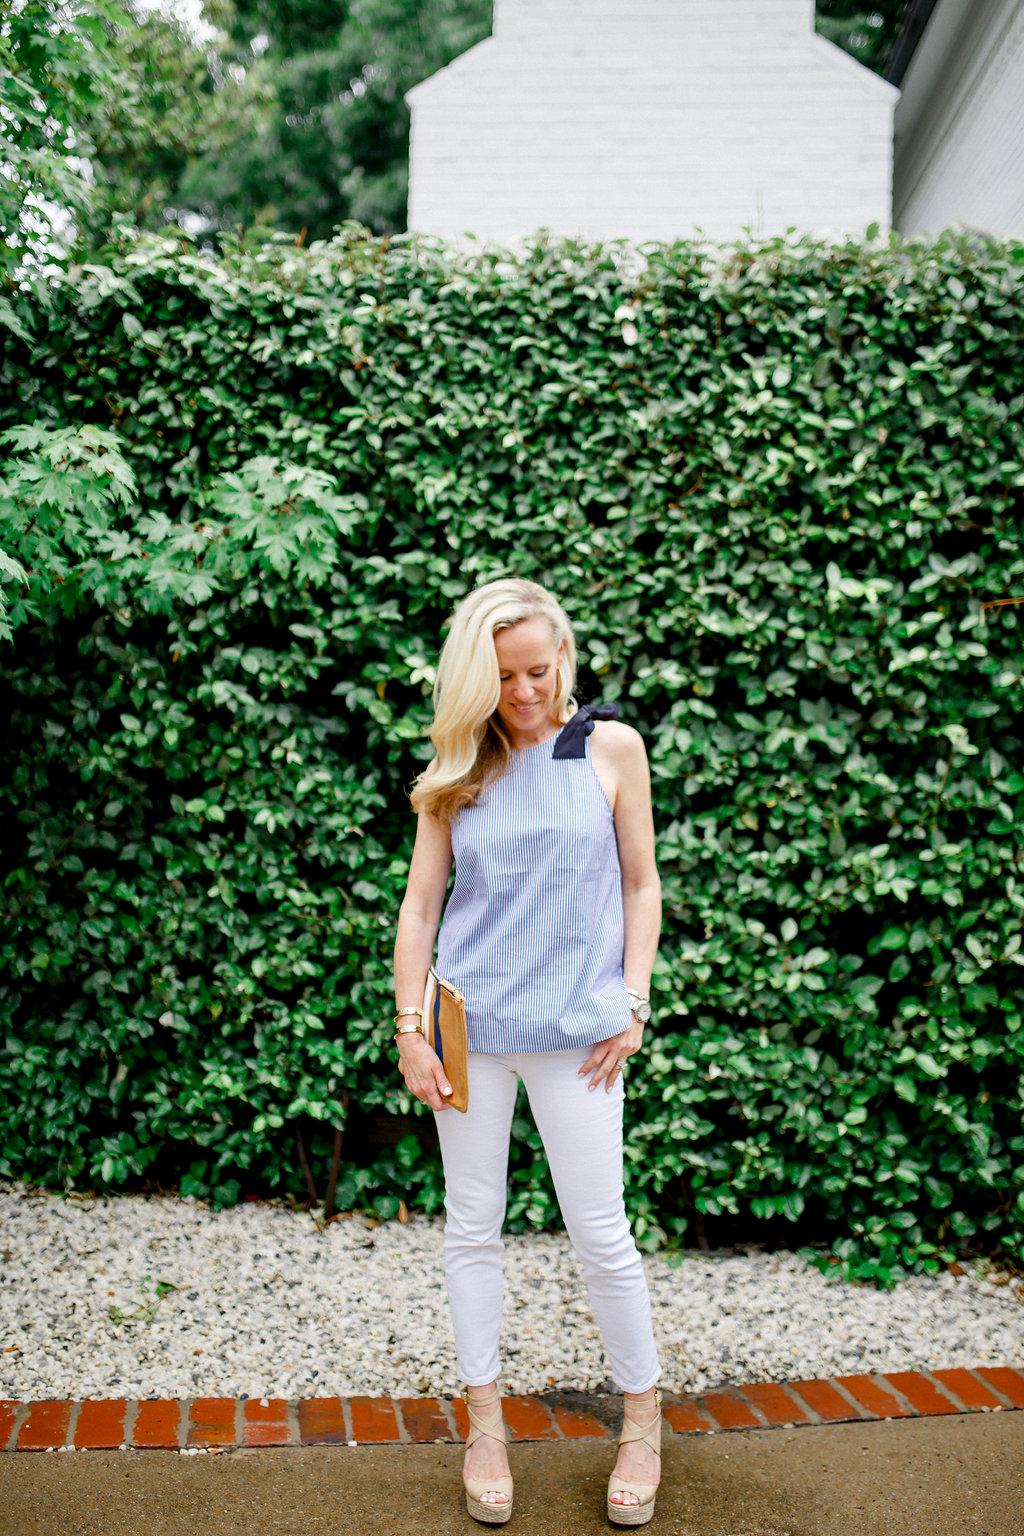 Alicia Wood, Dallas Fashion Blogger, Best Petite Jean, Best Petite Cropped Jean, Petite Skinny Jean, J.Crew Toothpick Jean, J.Crew Skinny Jean, J.Crew White Jean